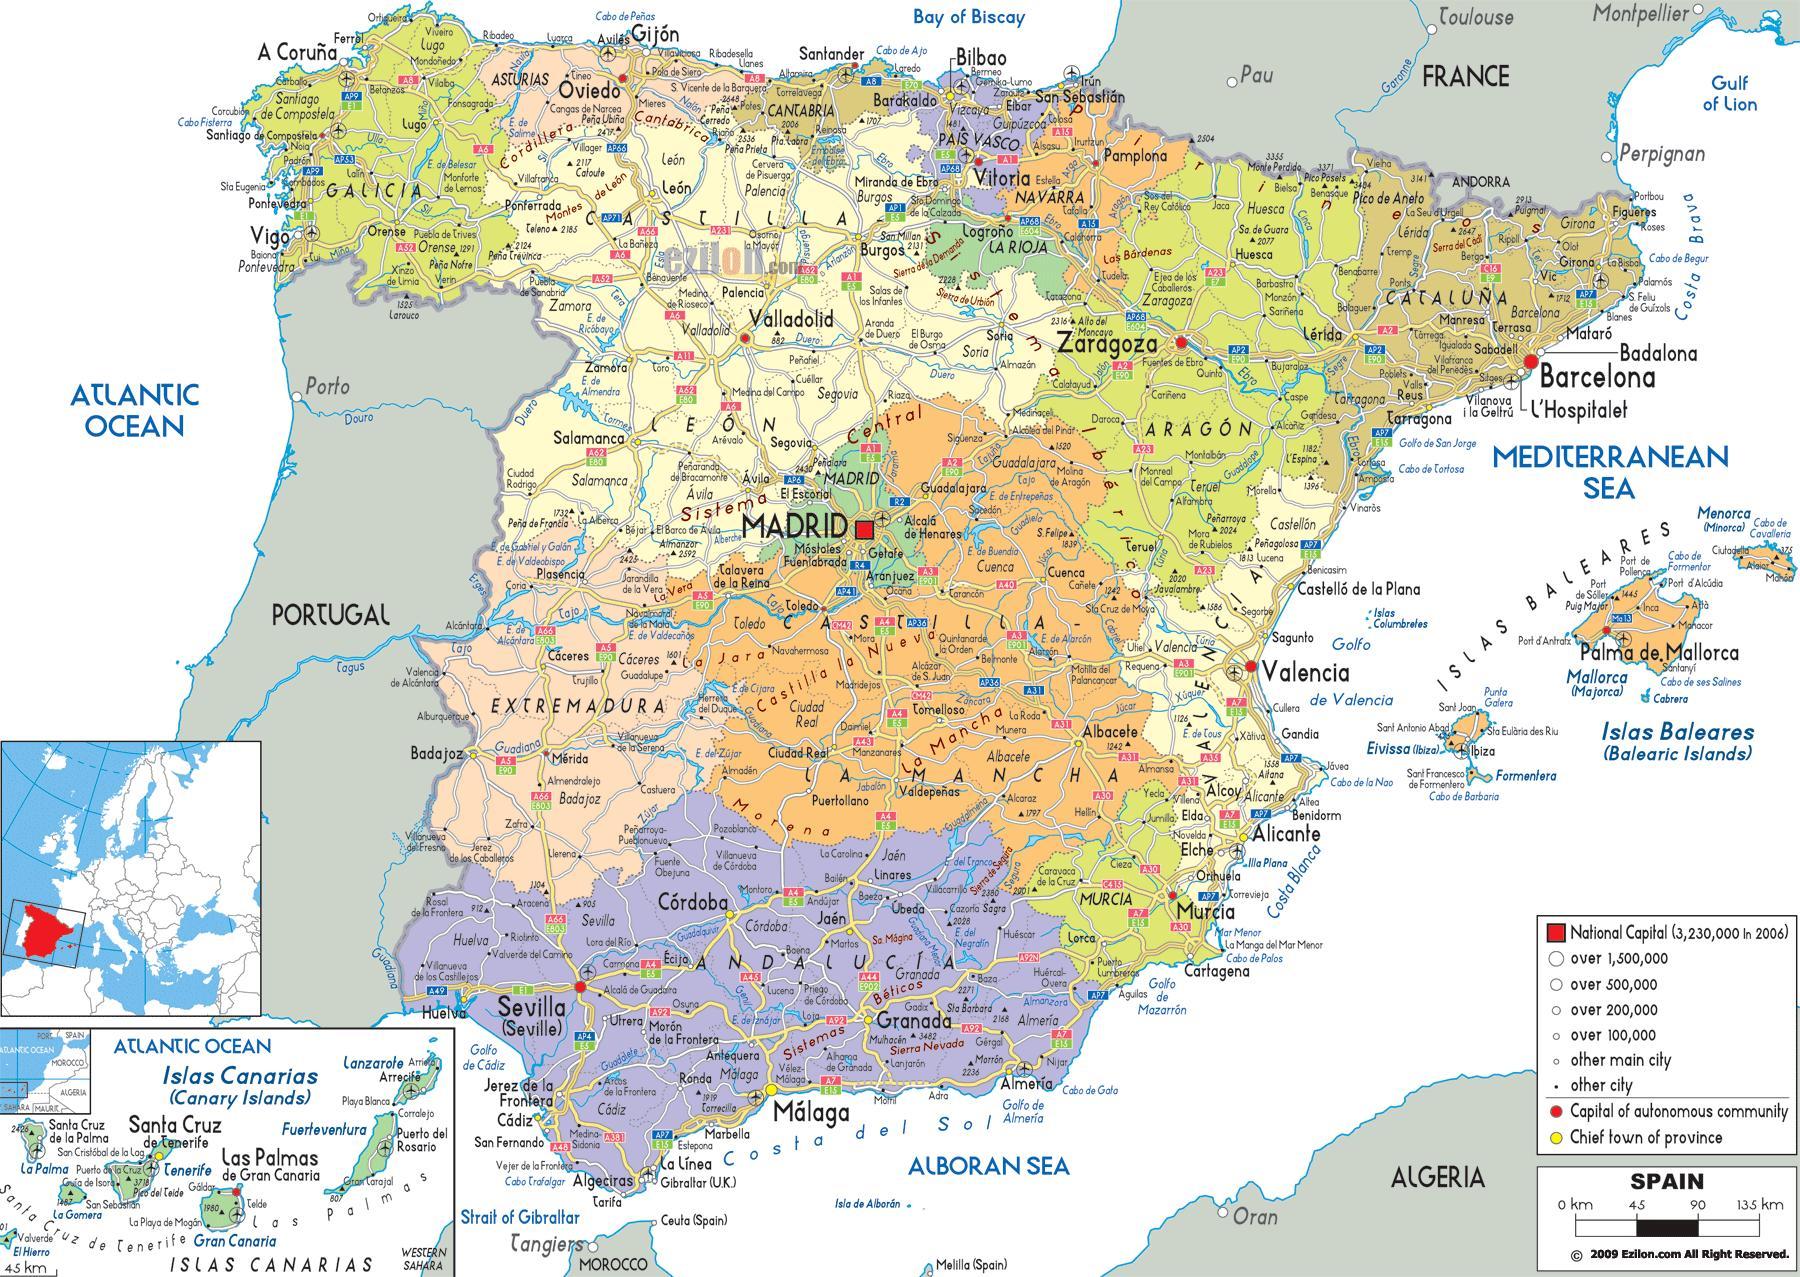 Spanien Regionen Karte.Detaillierte Karte Von Nord Spanien Nord Spanien Karte Regionen